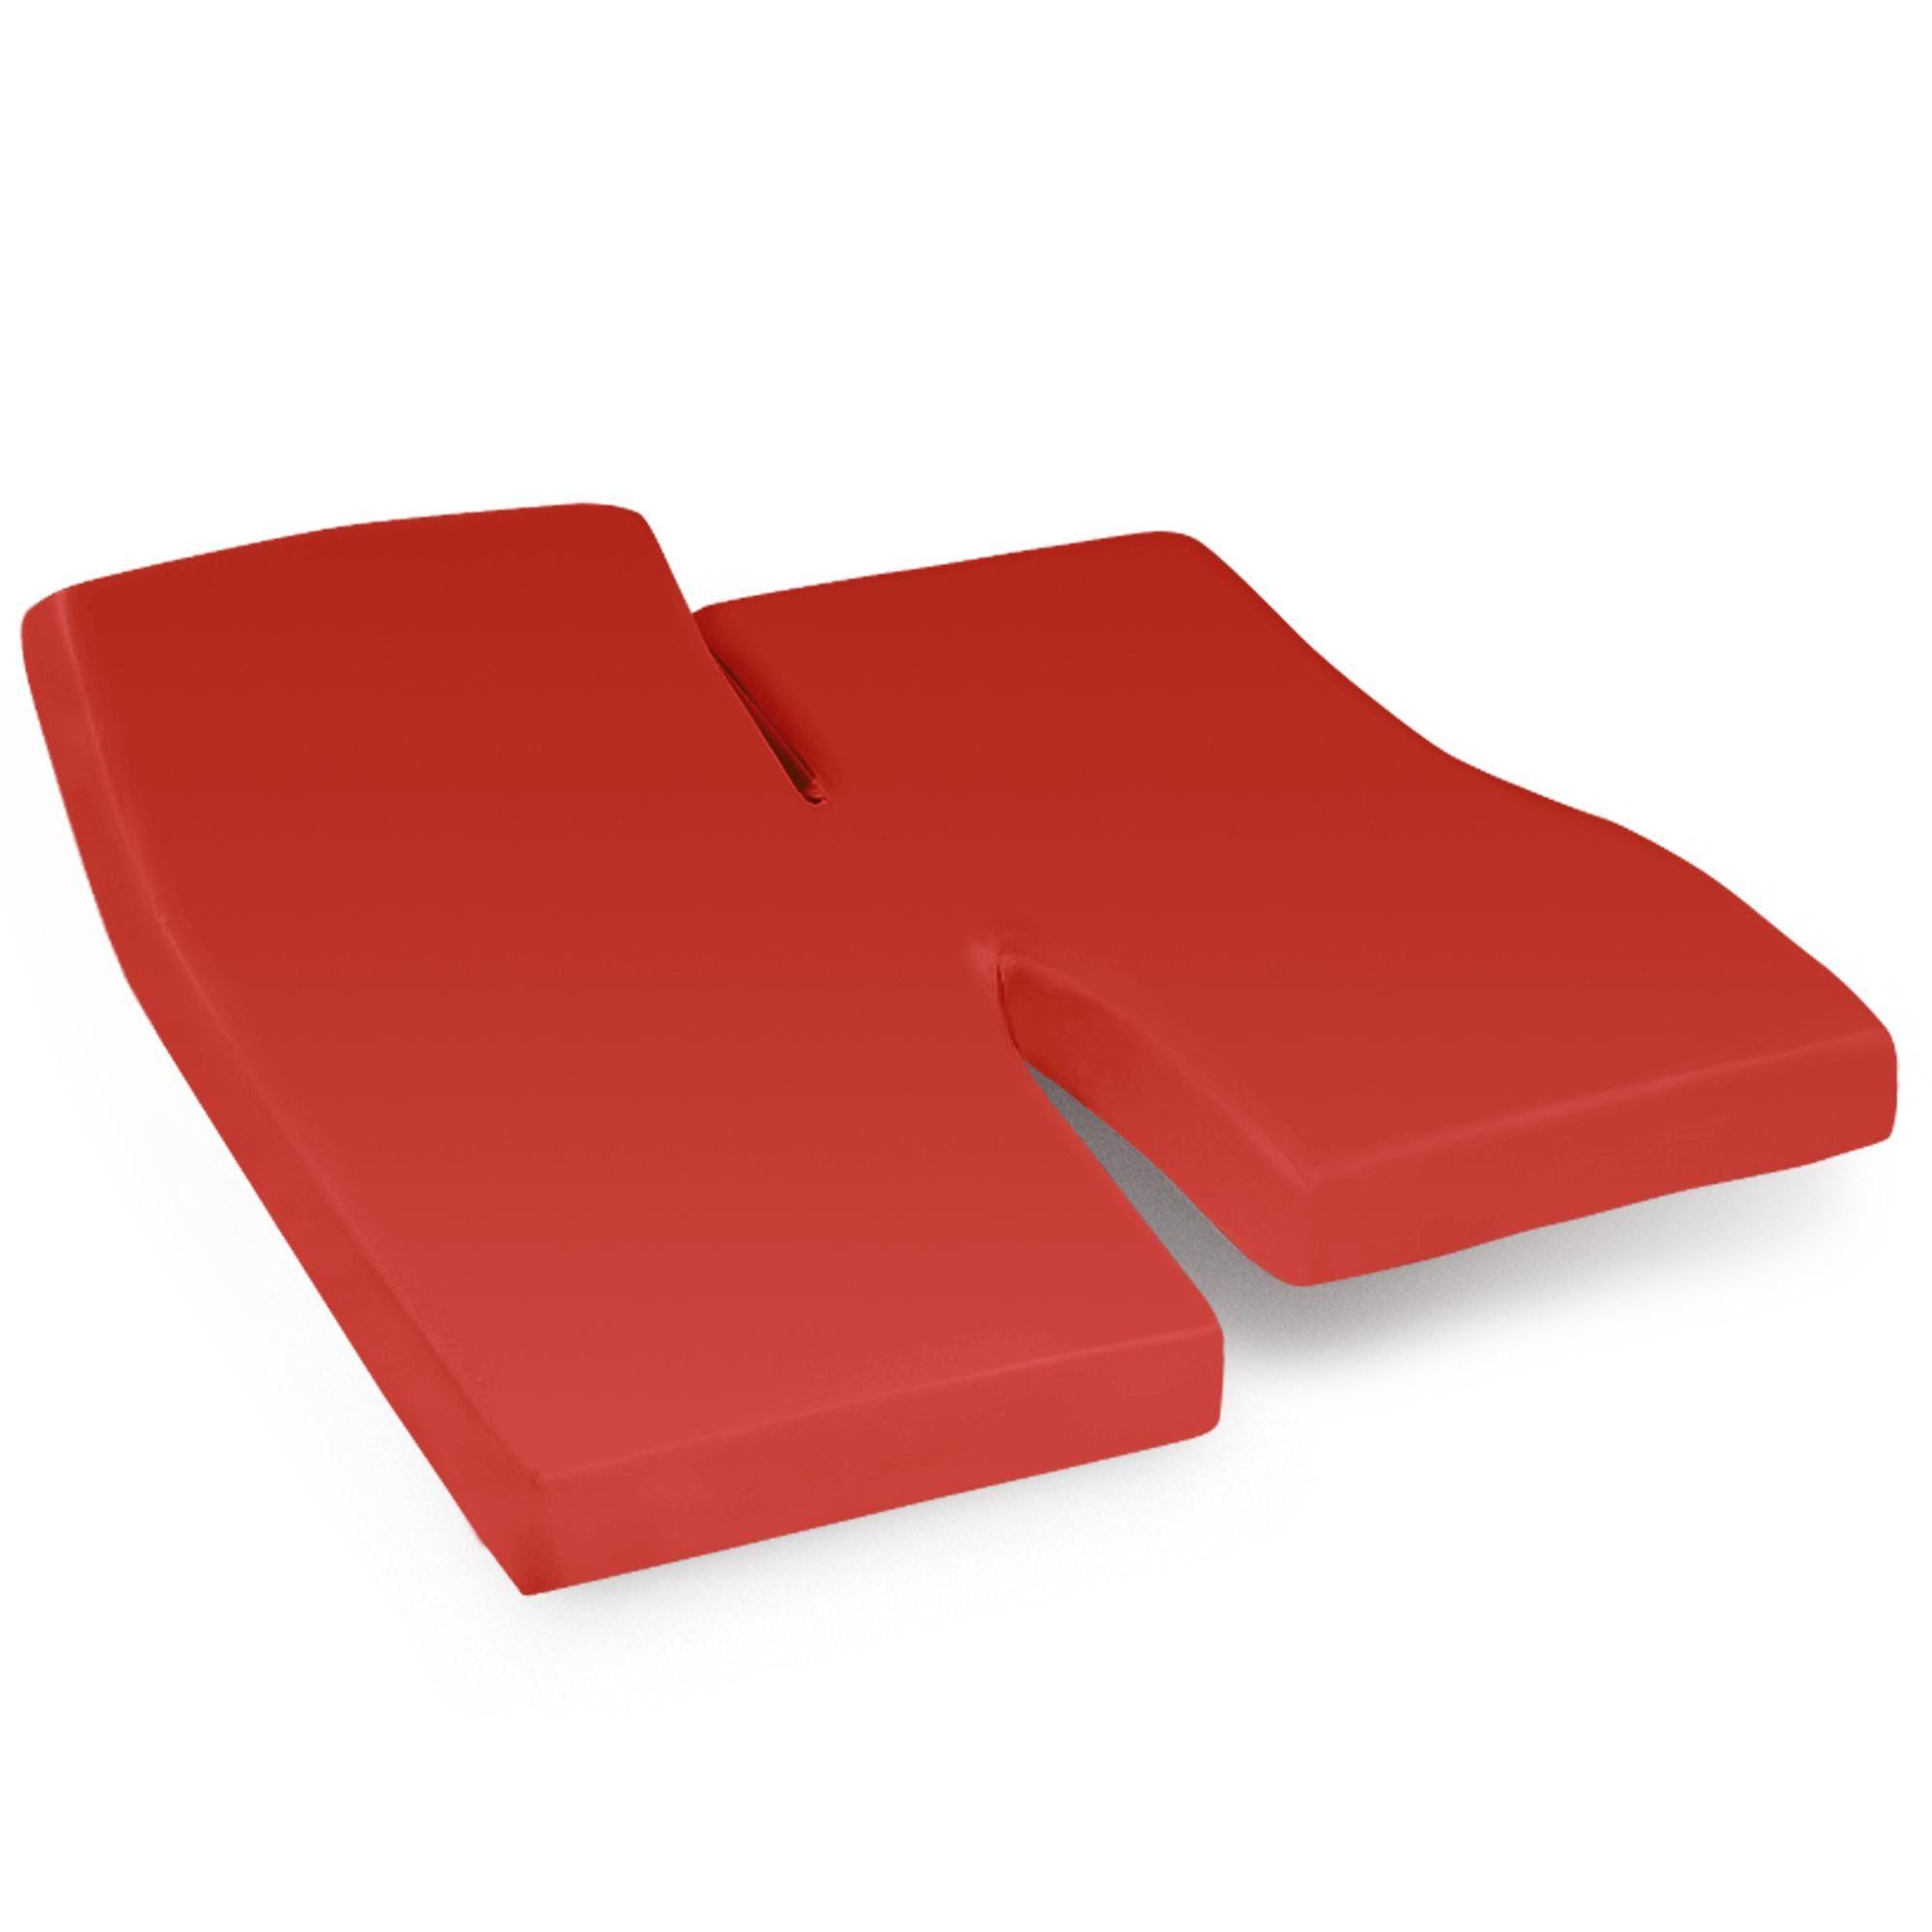 Linnea Drap housse relaxation uni 2x70x190 cm 100% coton ALTO orange Baie de Goji TPR Tête et pied relevable